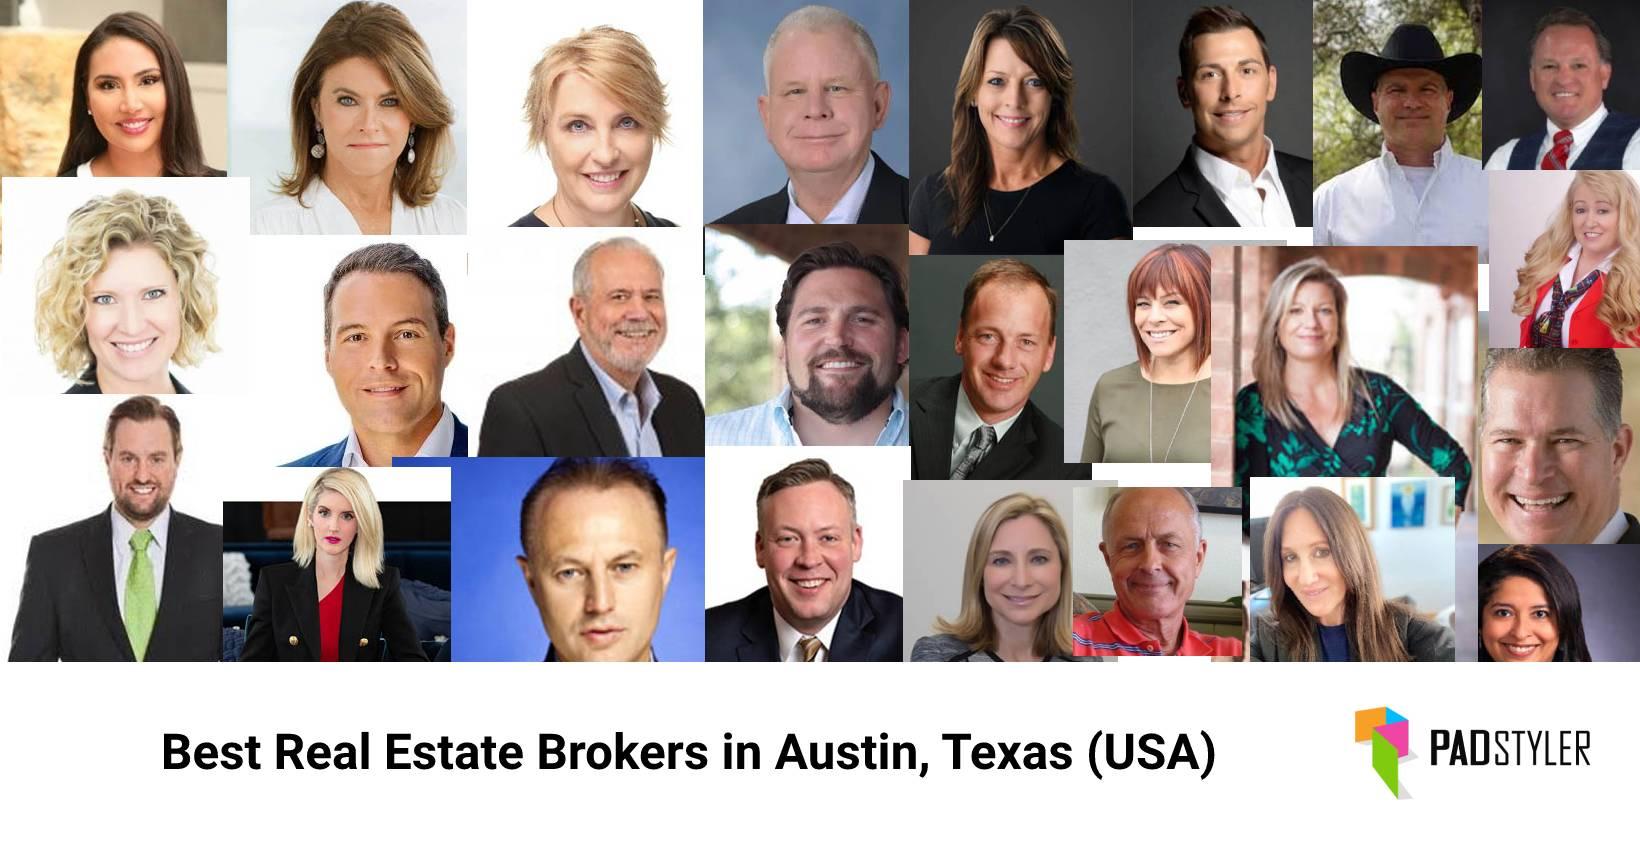 austin real estate brokers